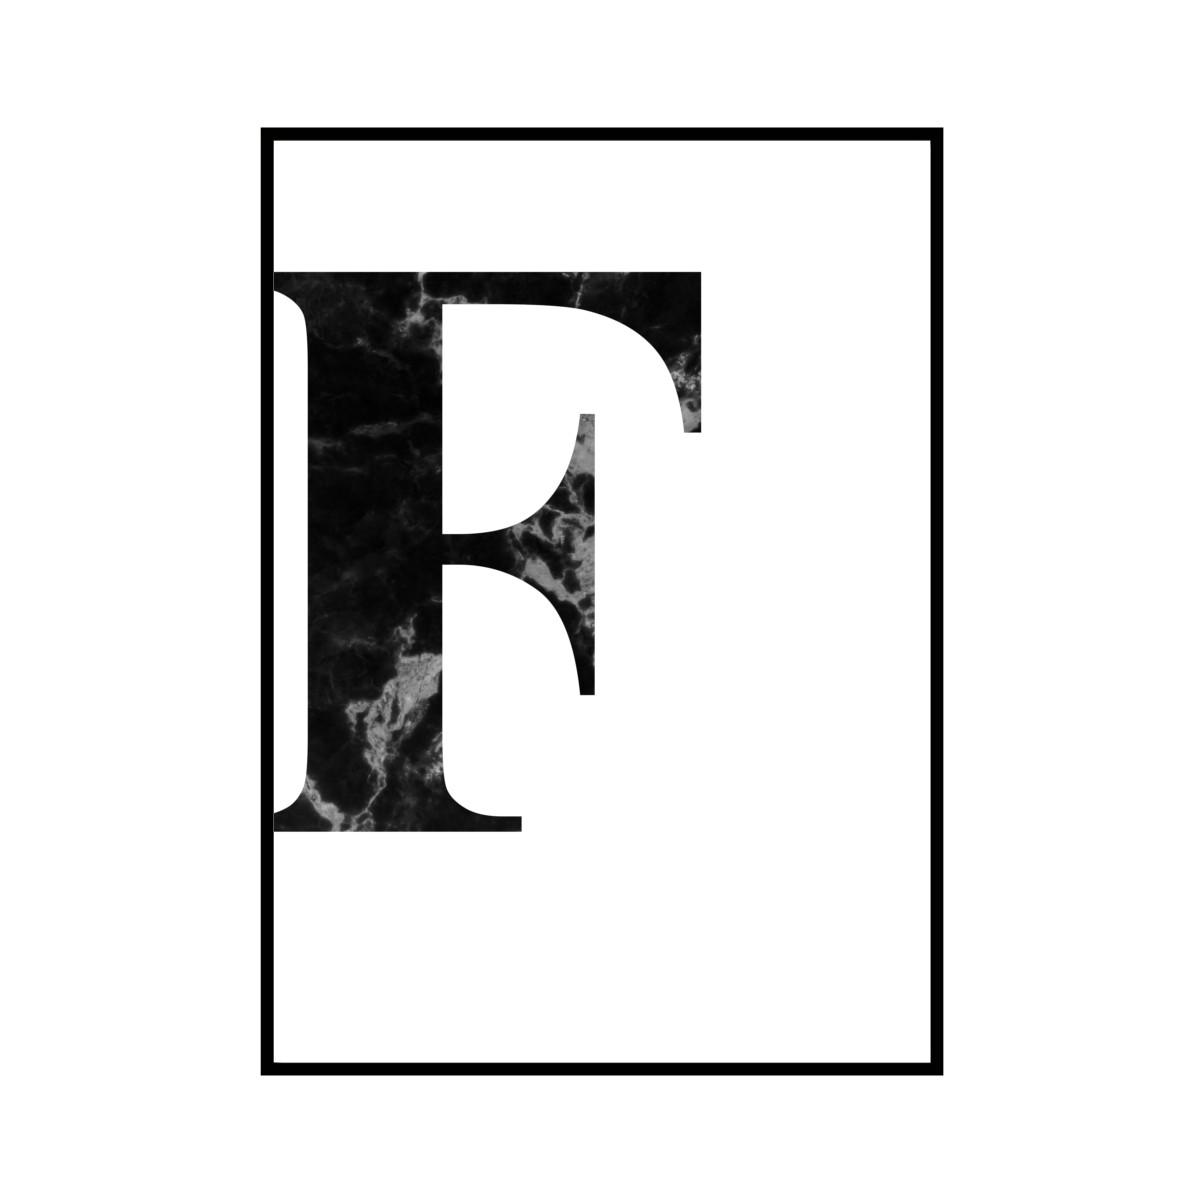 """""""F"""" 黒大理石 - Black marble - ALPHAシリーズ [SD-000507] A1サイズ ポスター単品"""